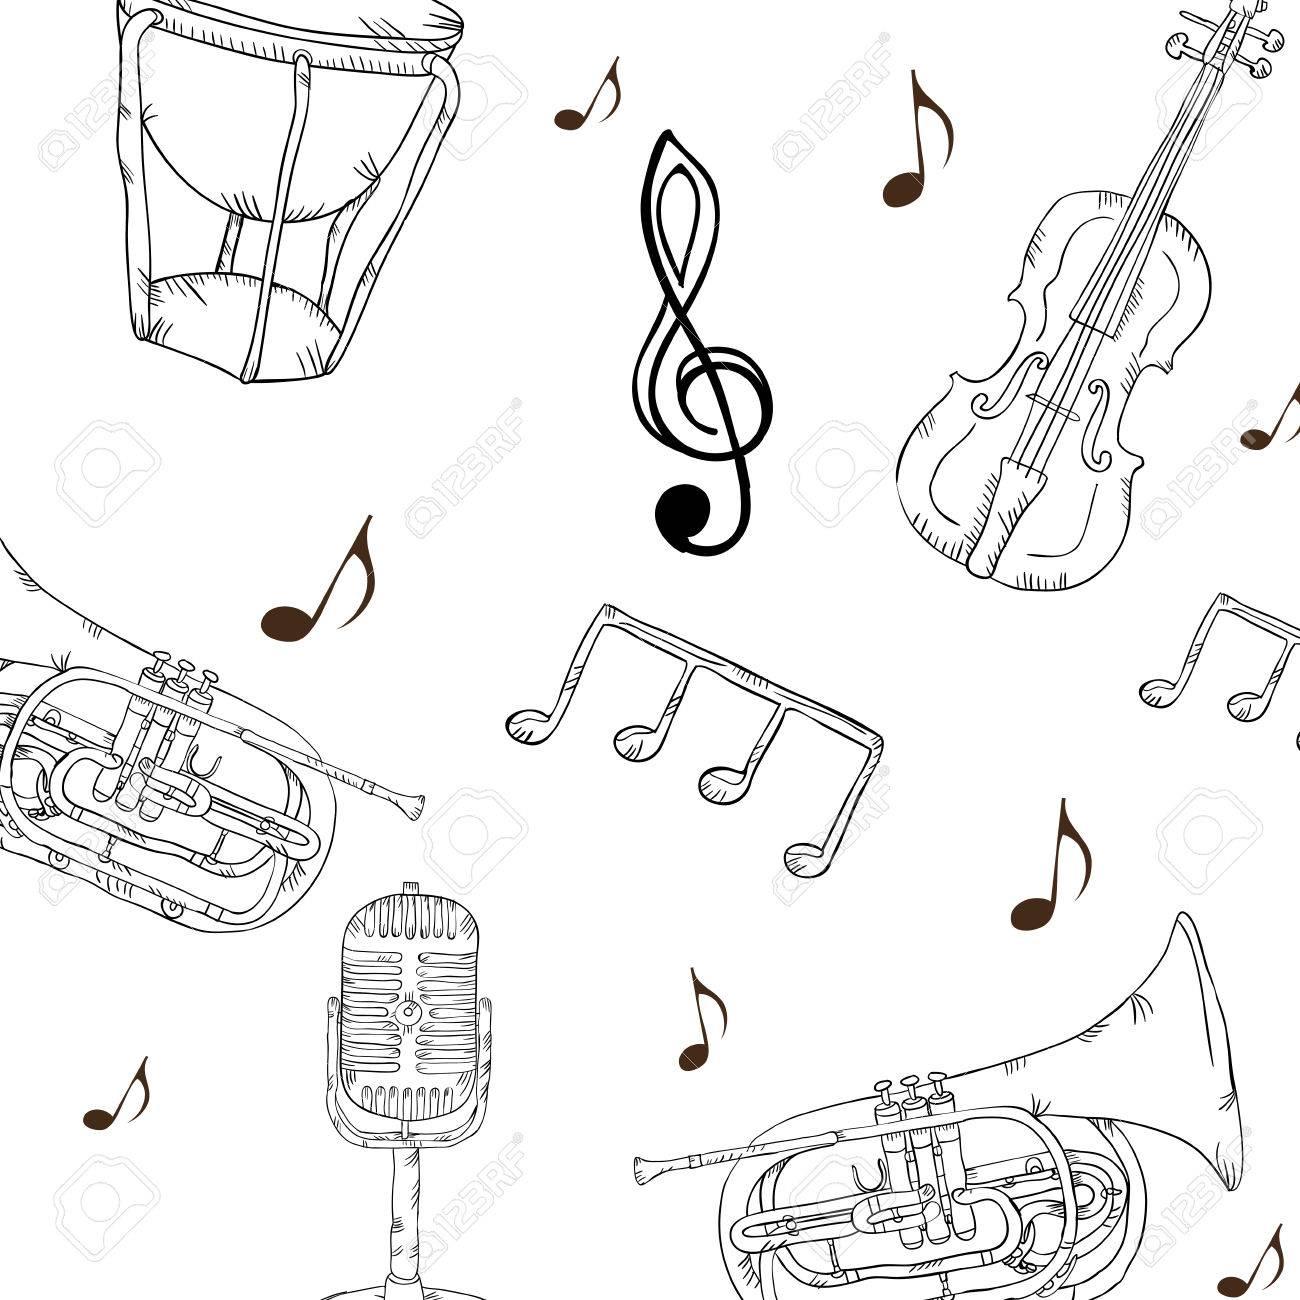 音楽トランペット ヴァイオリン マイクとドラムの楽器の背景音楽の壁紙